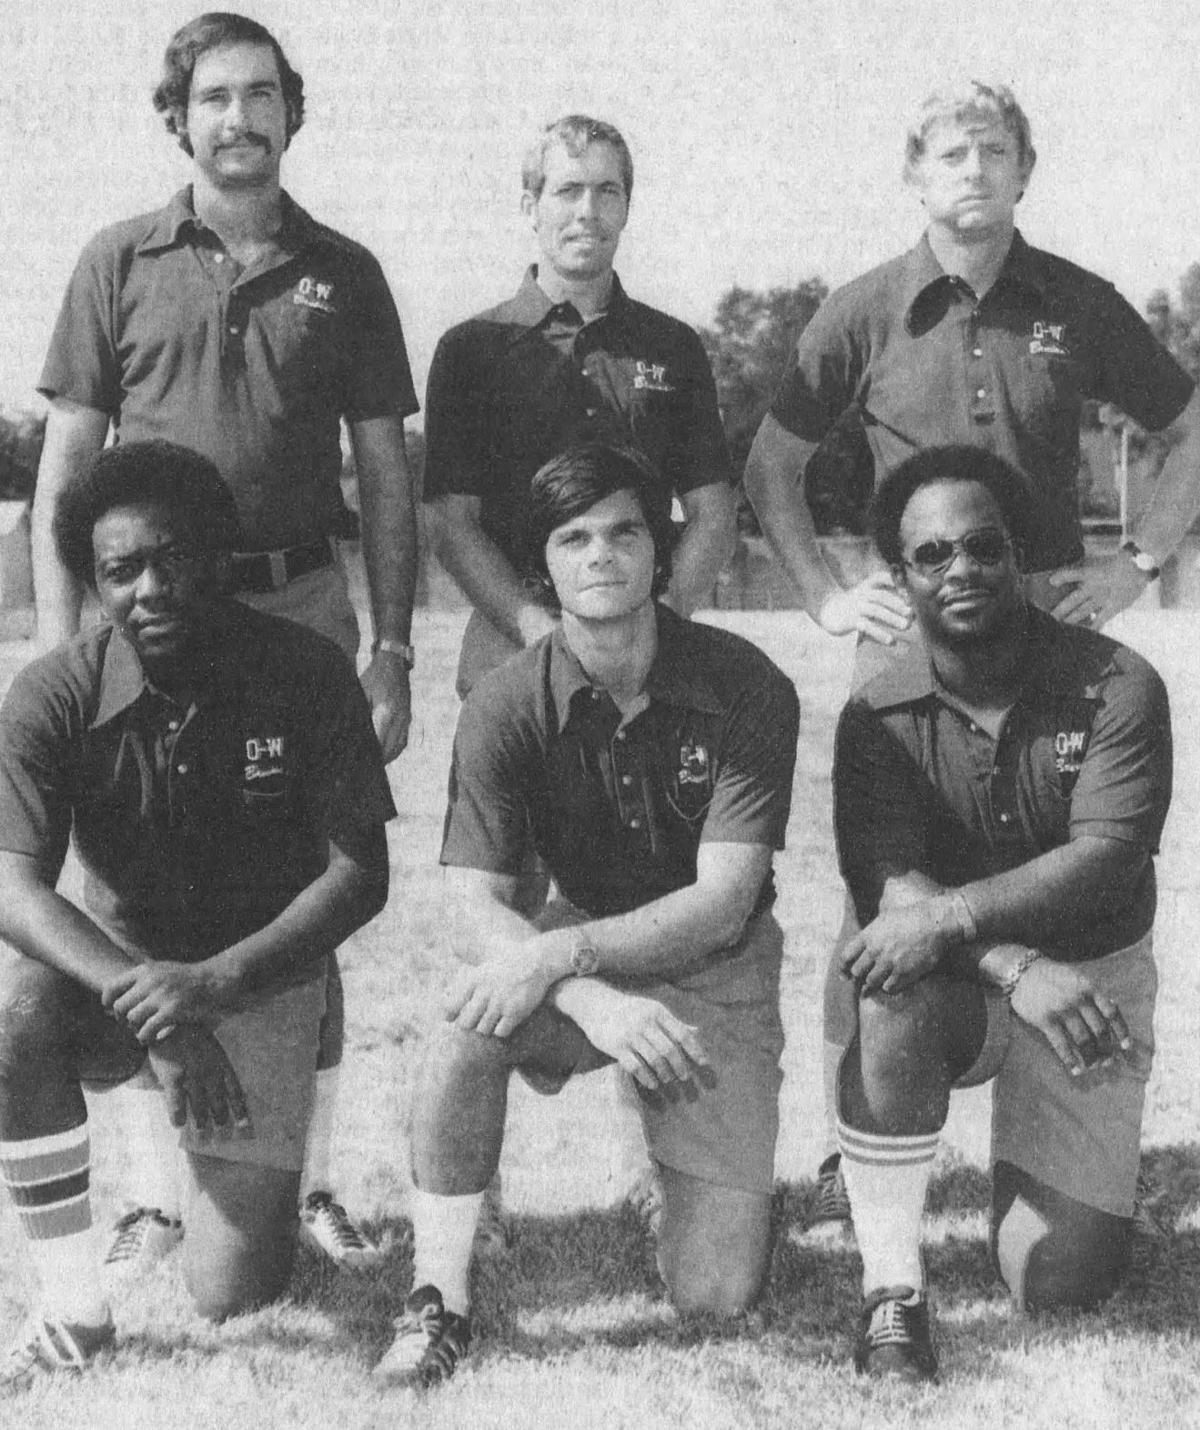 O-W coaches 1975